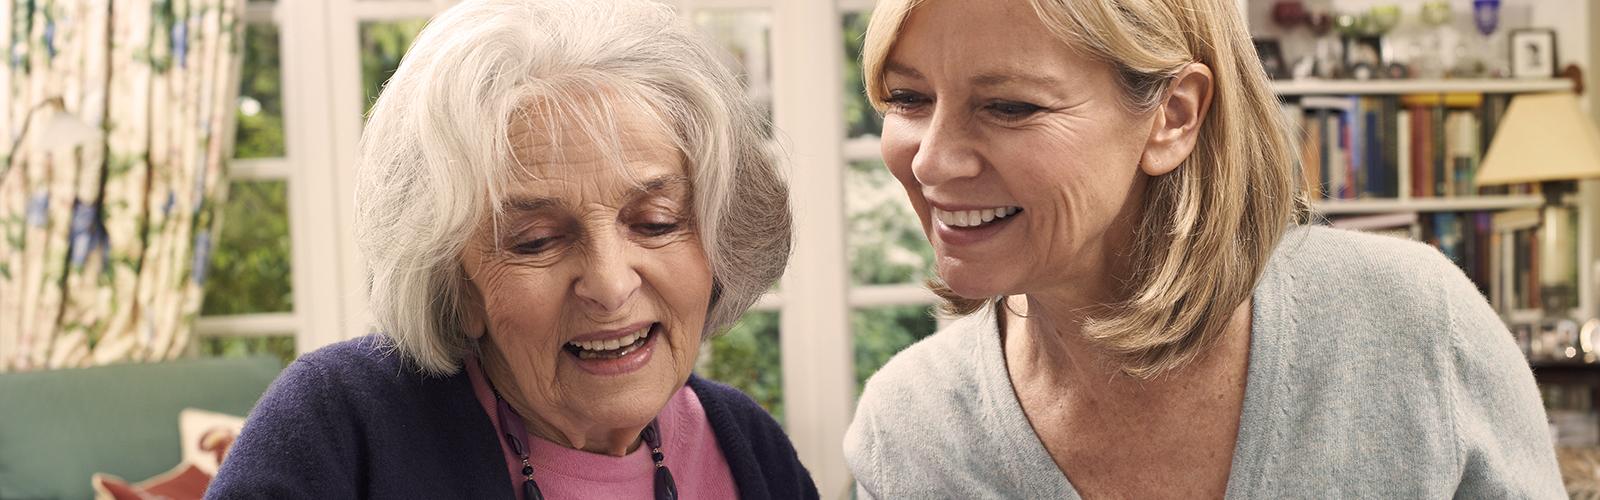 Mladšia žena a staršia žena sa smejú – kde nájsť podporné organizácie pre opatrovateľov